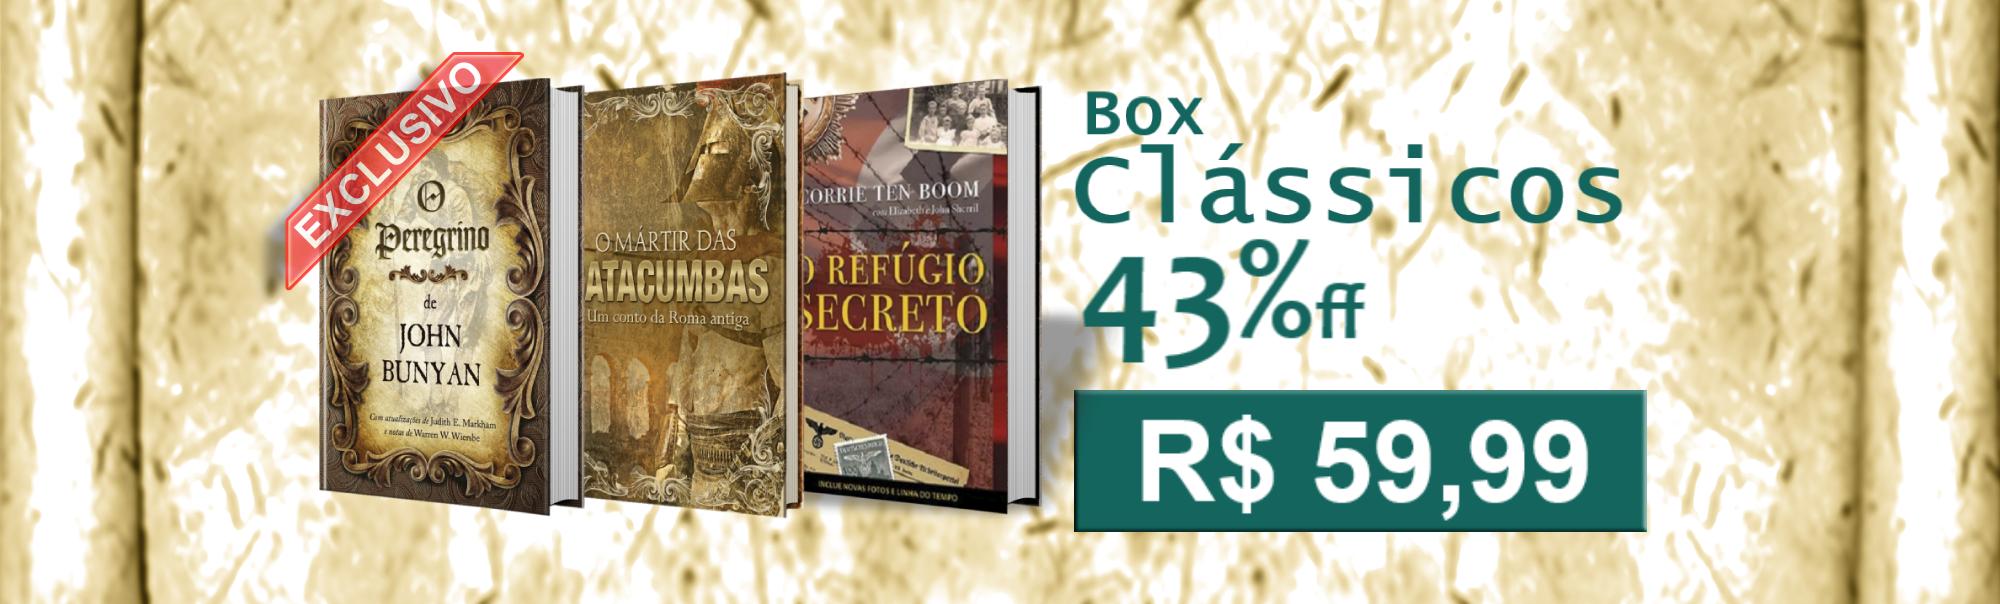 Box Clássicos Cristãos | Livraria Evangélica Emmerick